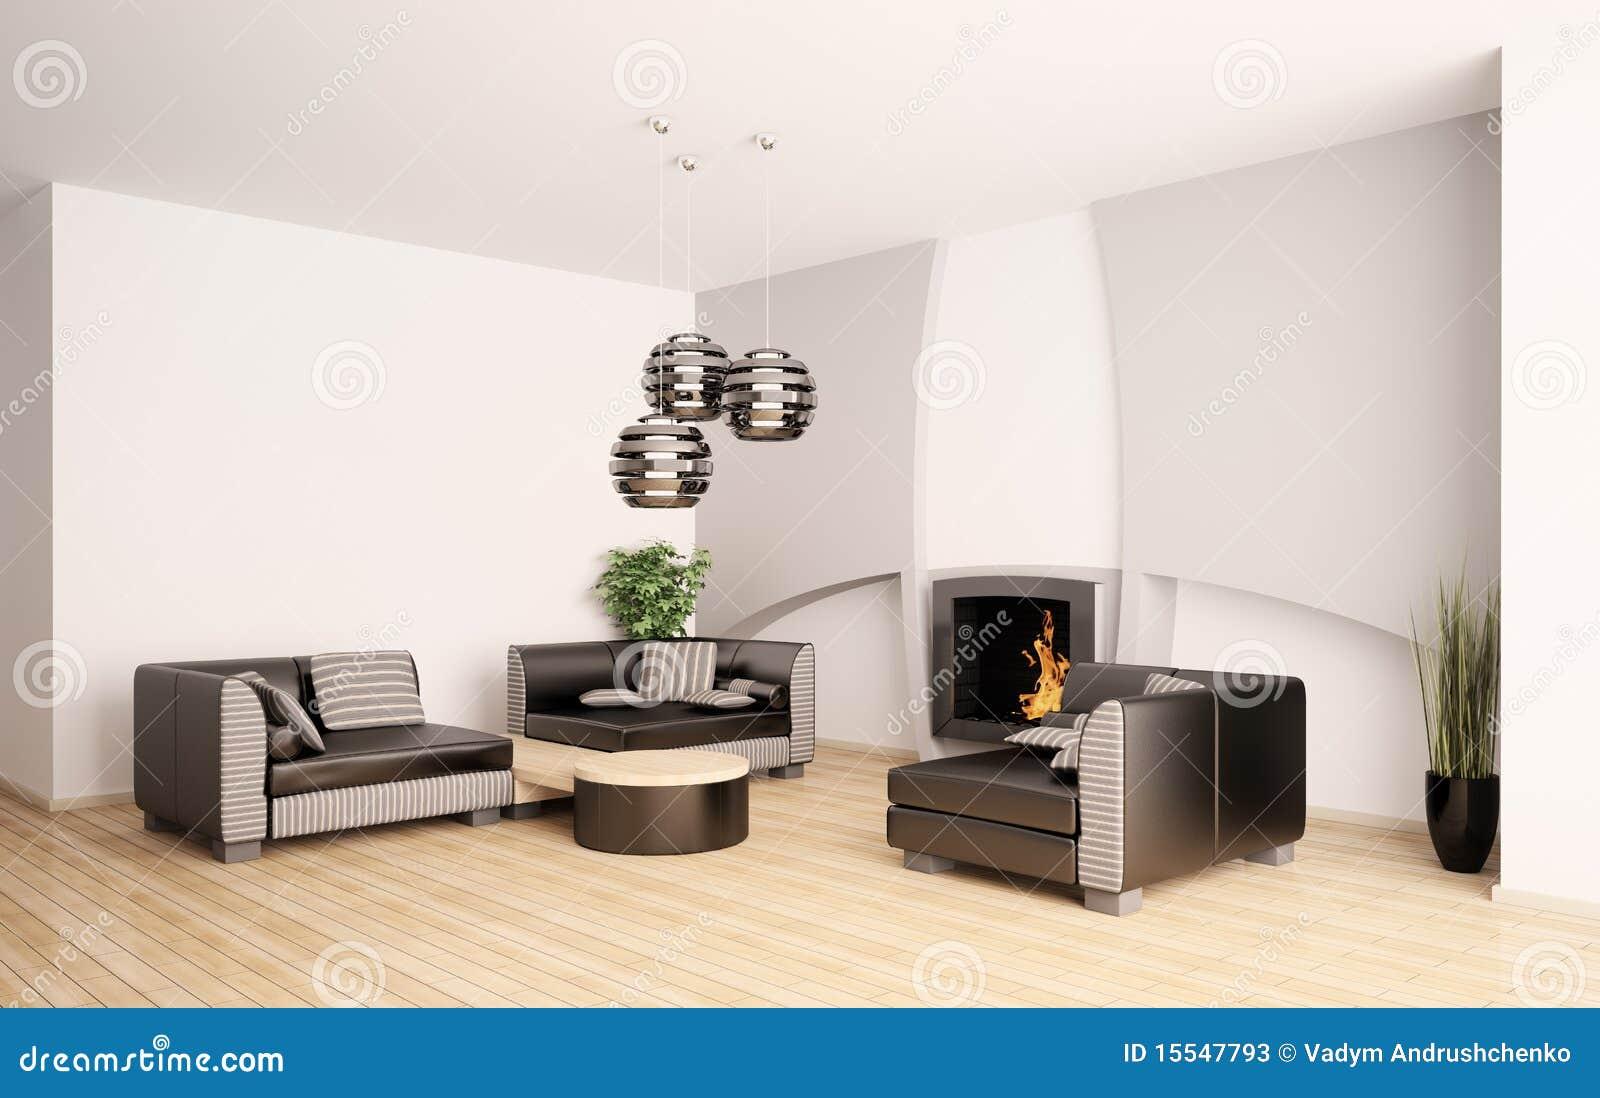 Moderne Woonkamer Met Open Haard Binnenlandse 3d Stock Fotos - Beeld ...